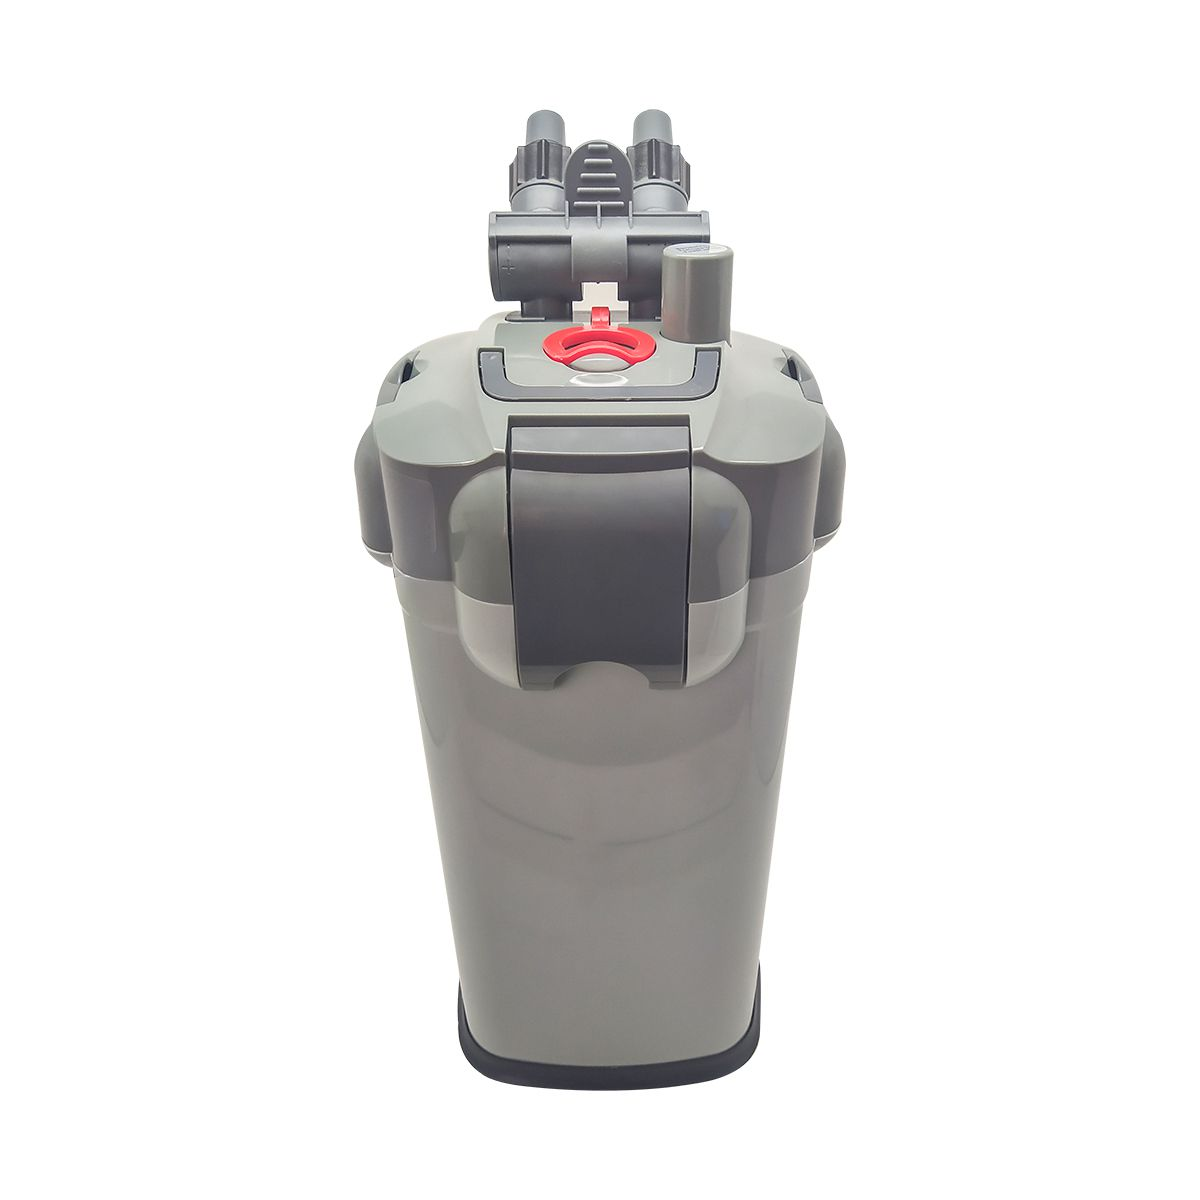 Filtro Hopar Canister C/ Uv 3328 2200l/h 9w 220v + Brinde